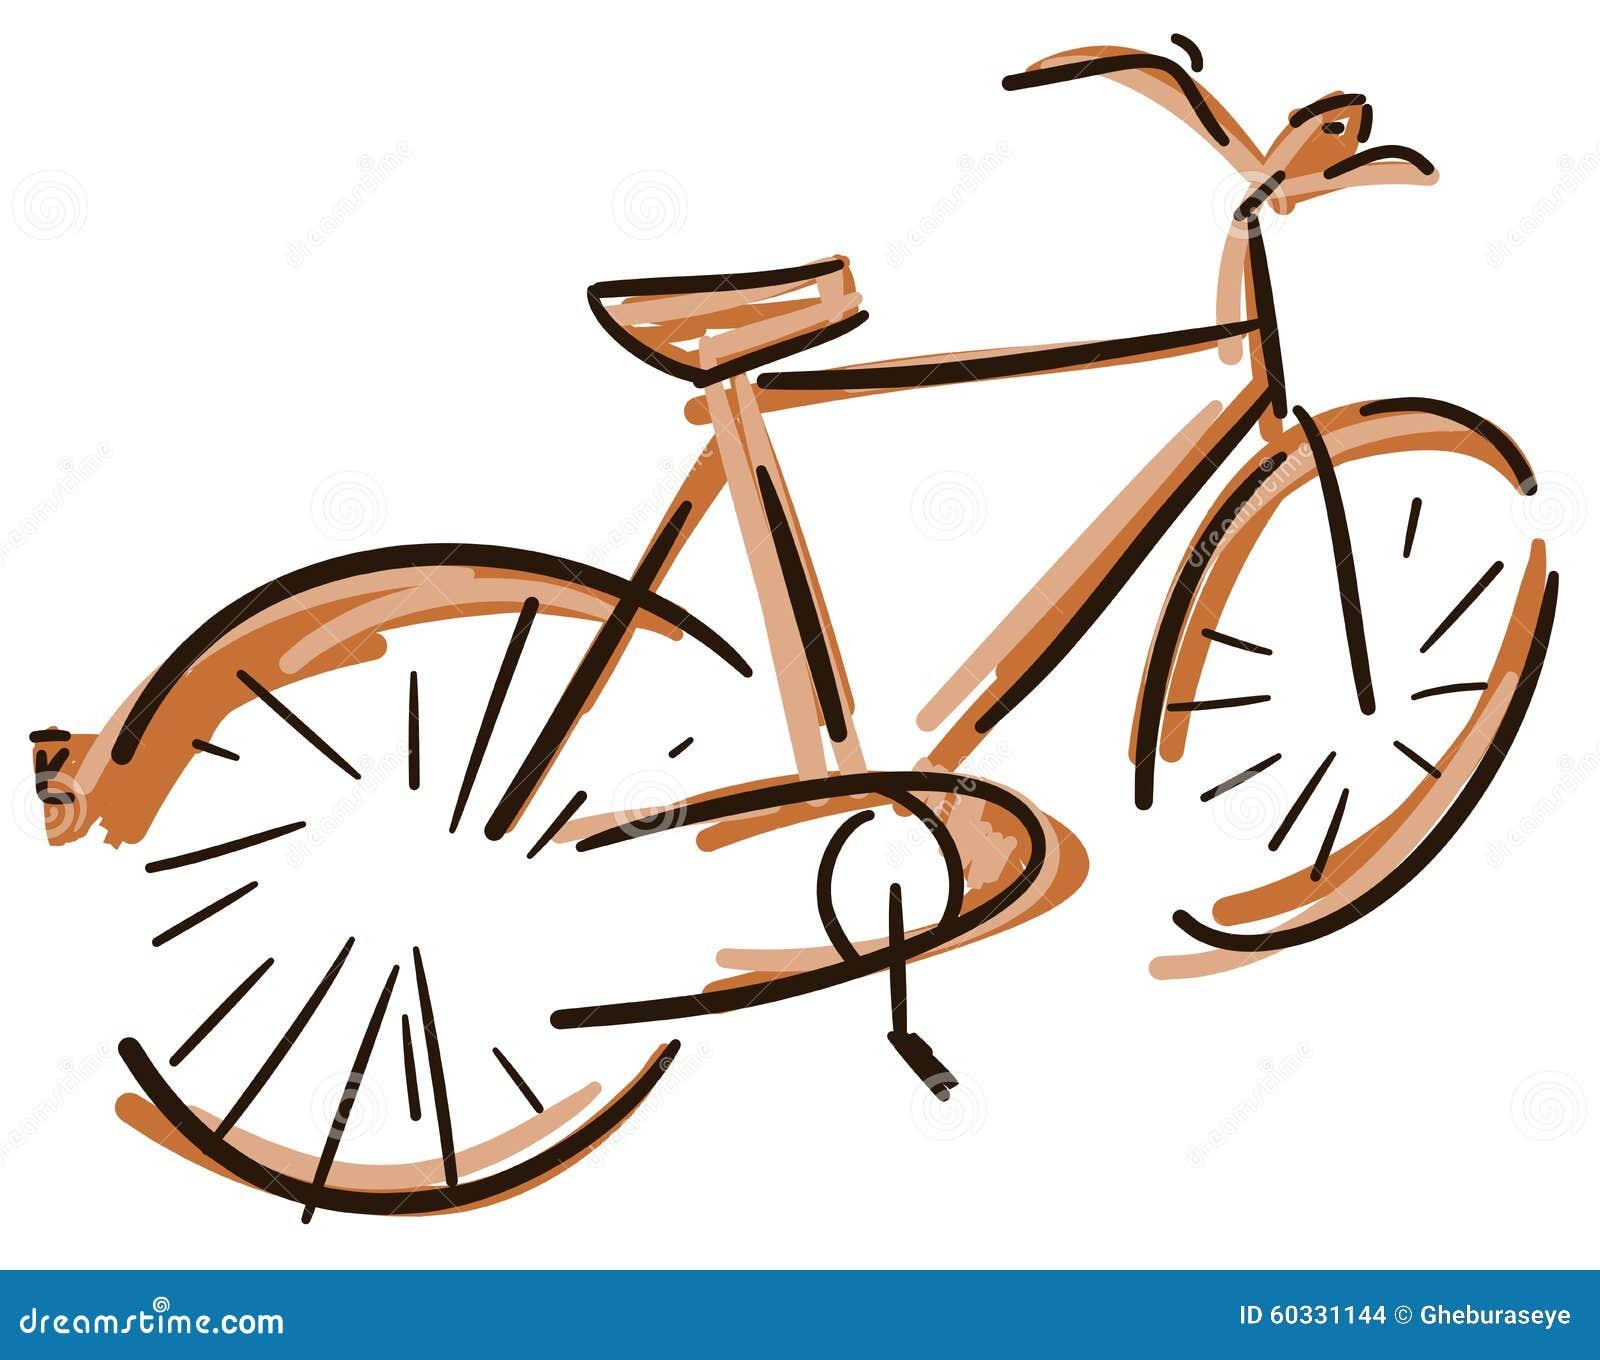 Bicicletta Variopinta Stilizzata Illustrazione Vettoriale